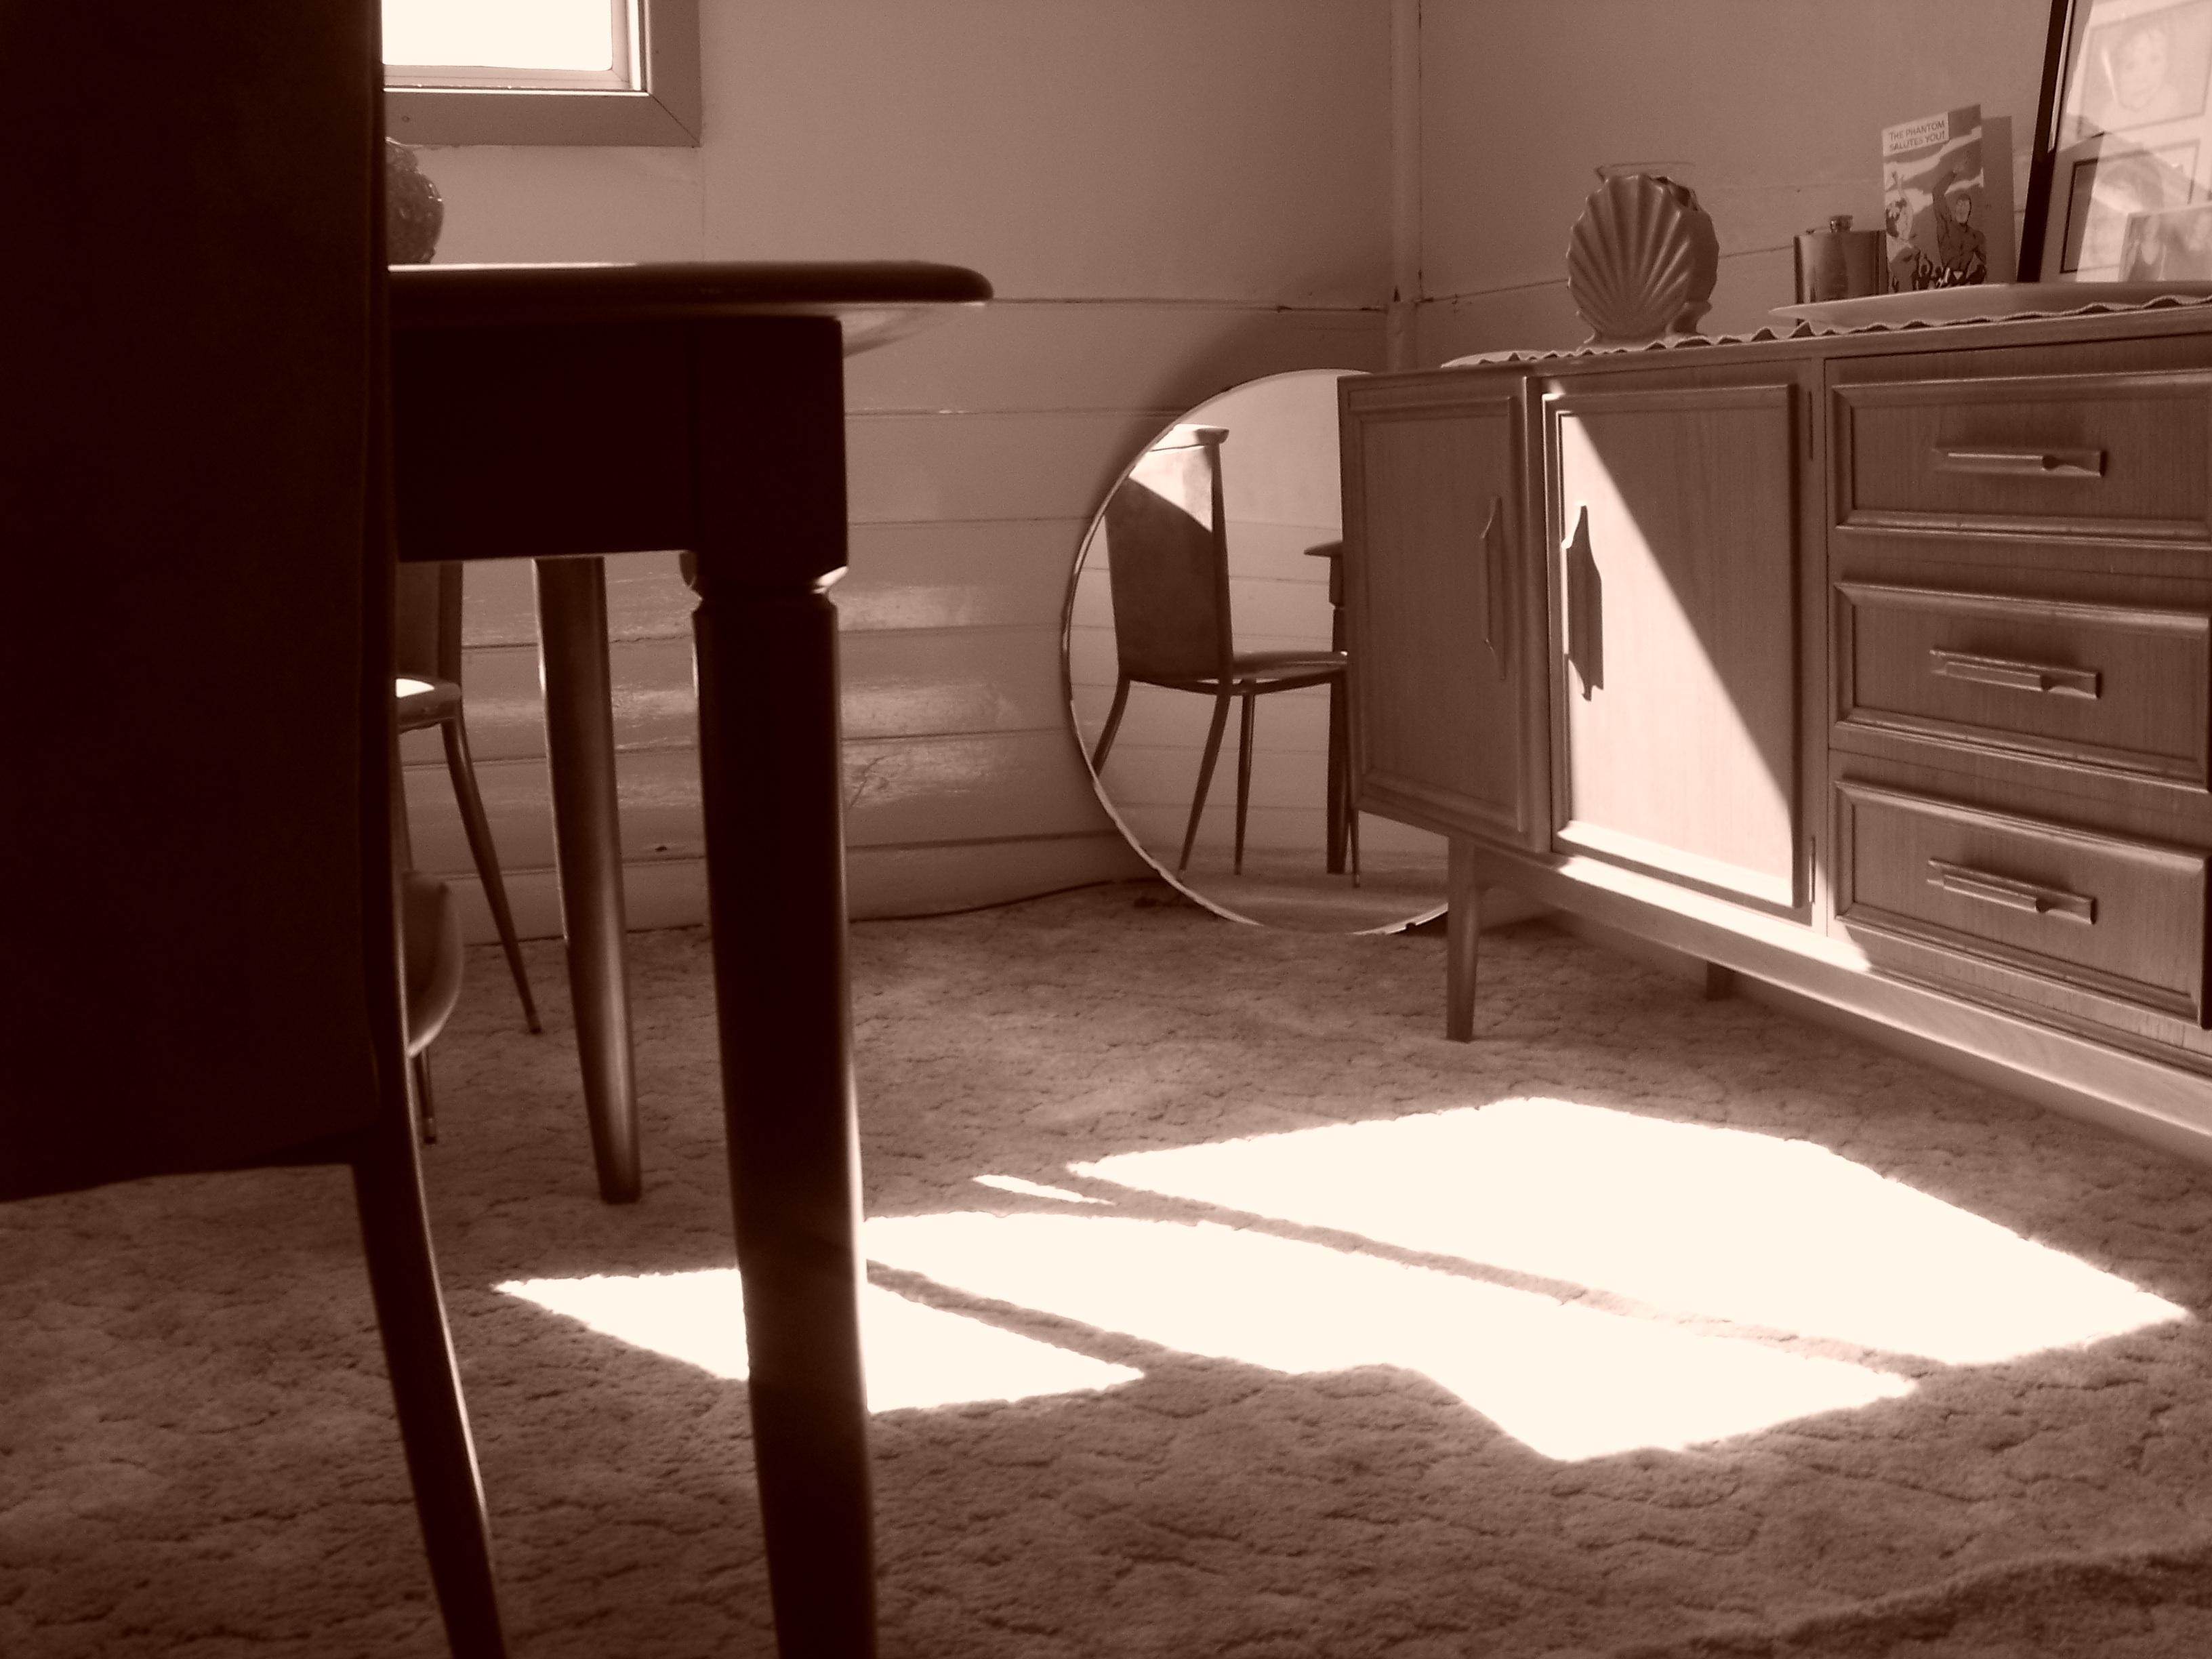 Fotos gratis mesa blanco silla piso casa mueble for Diseno de muebles de madera gratis